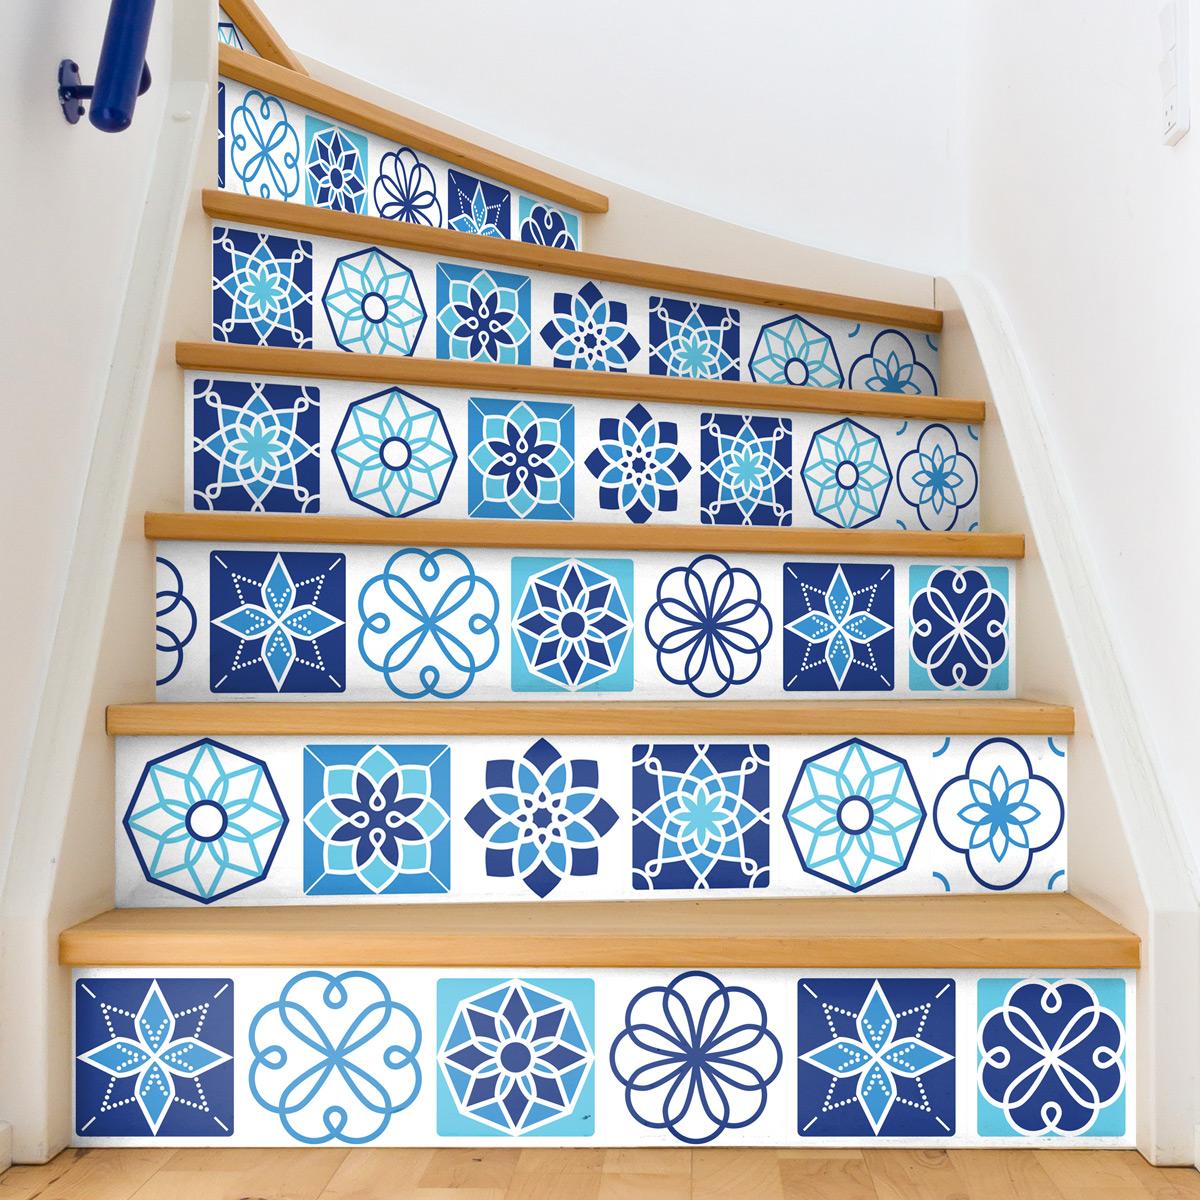 stickers escalier carreaux de ciment tofinto x 2 ambiance. Black Bedroom Furniture Sets. Home Design Ideas